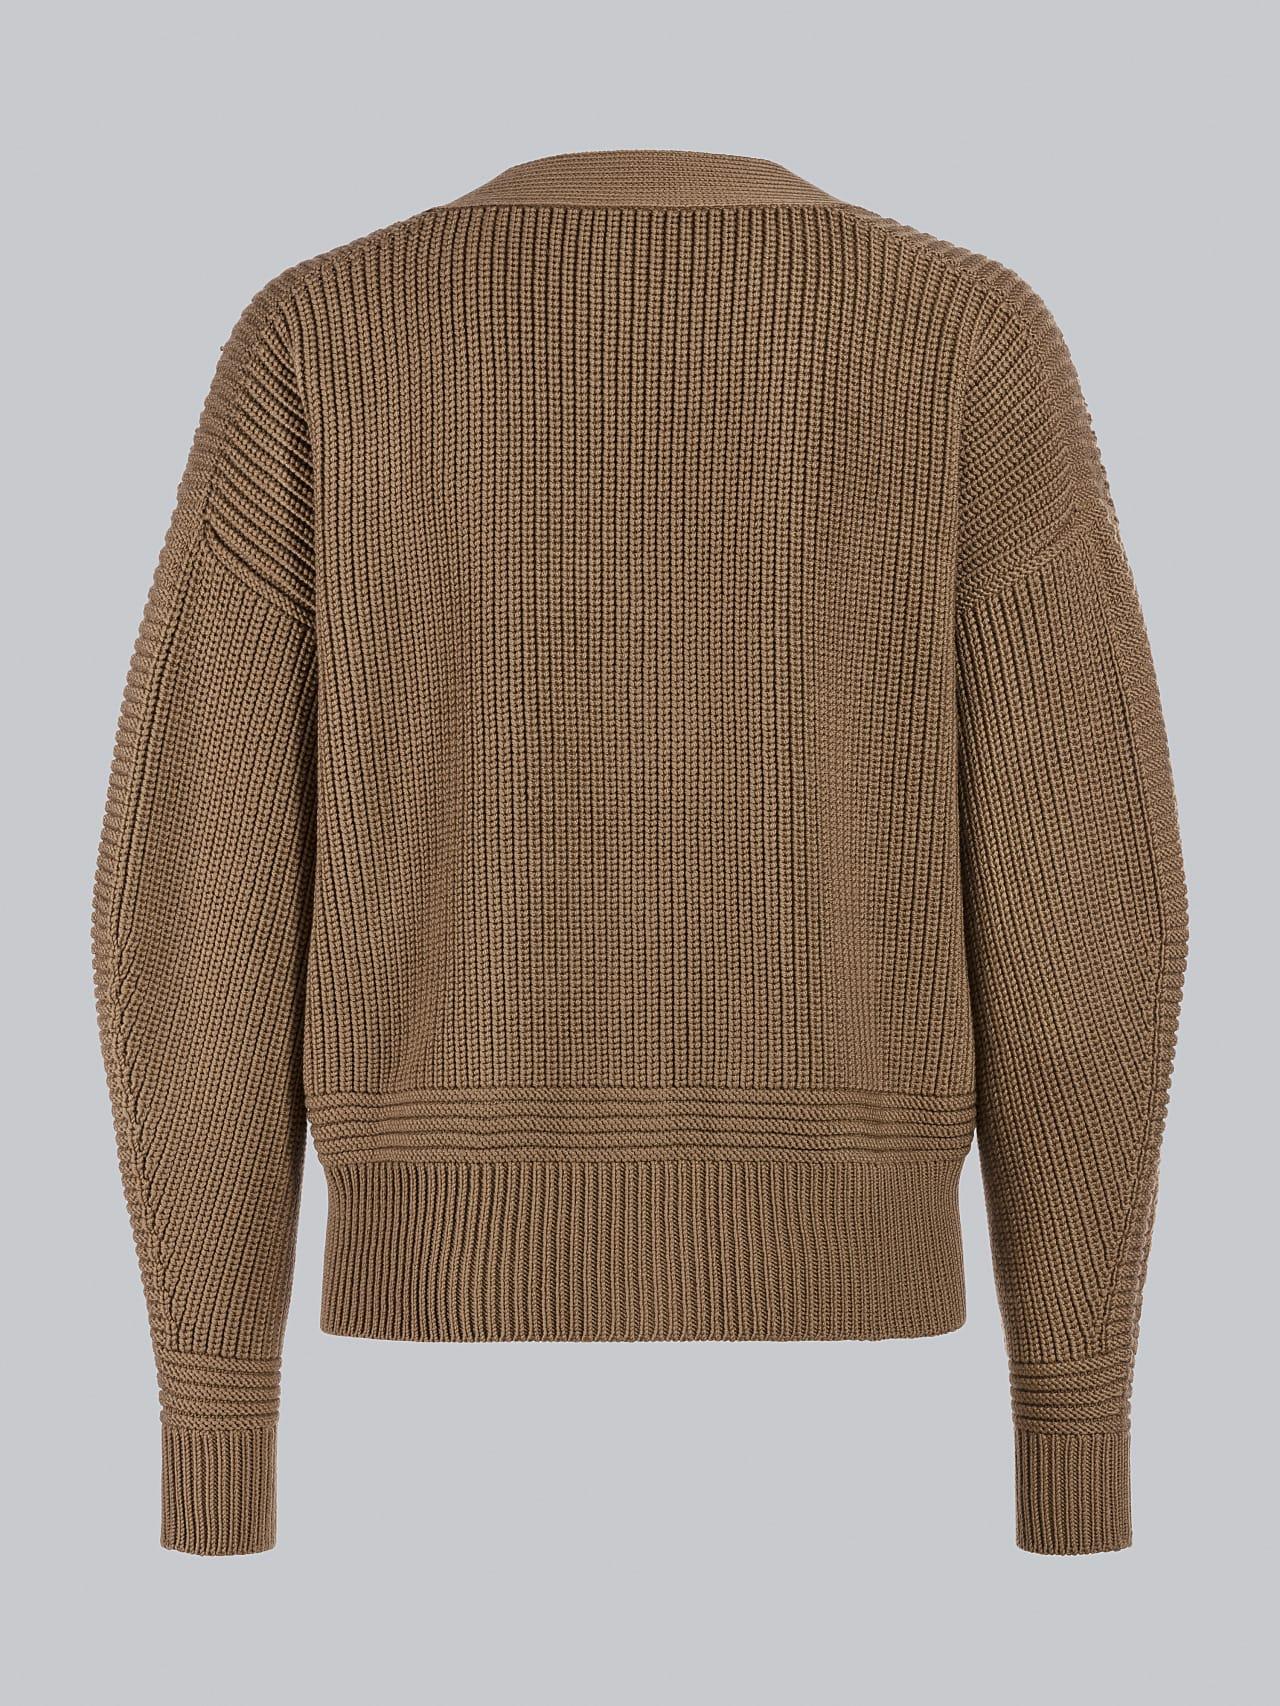 FREDA V1.Y5.02 Chunky Merino Wool Cardigan gold Left Alpha Tauri